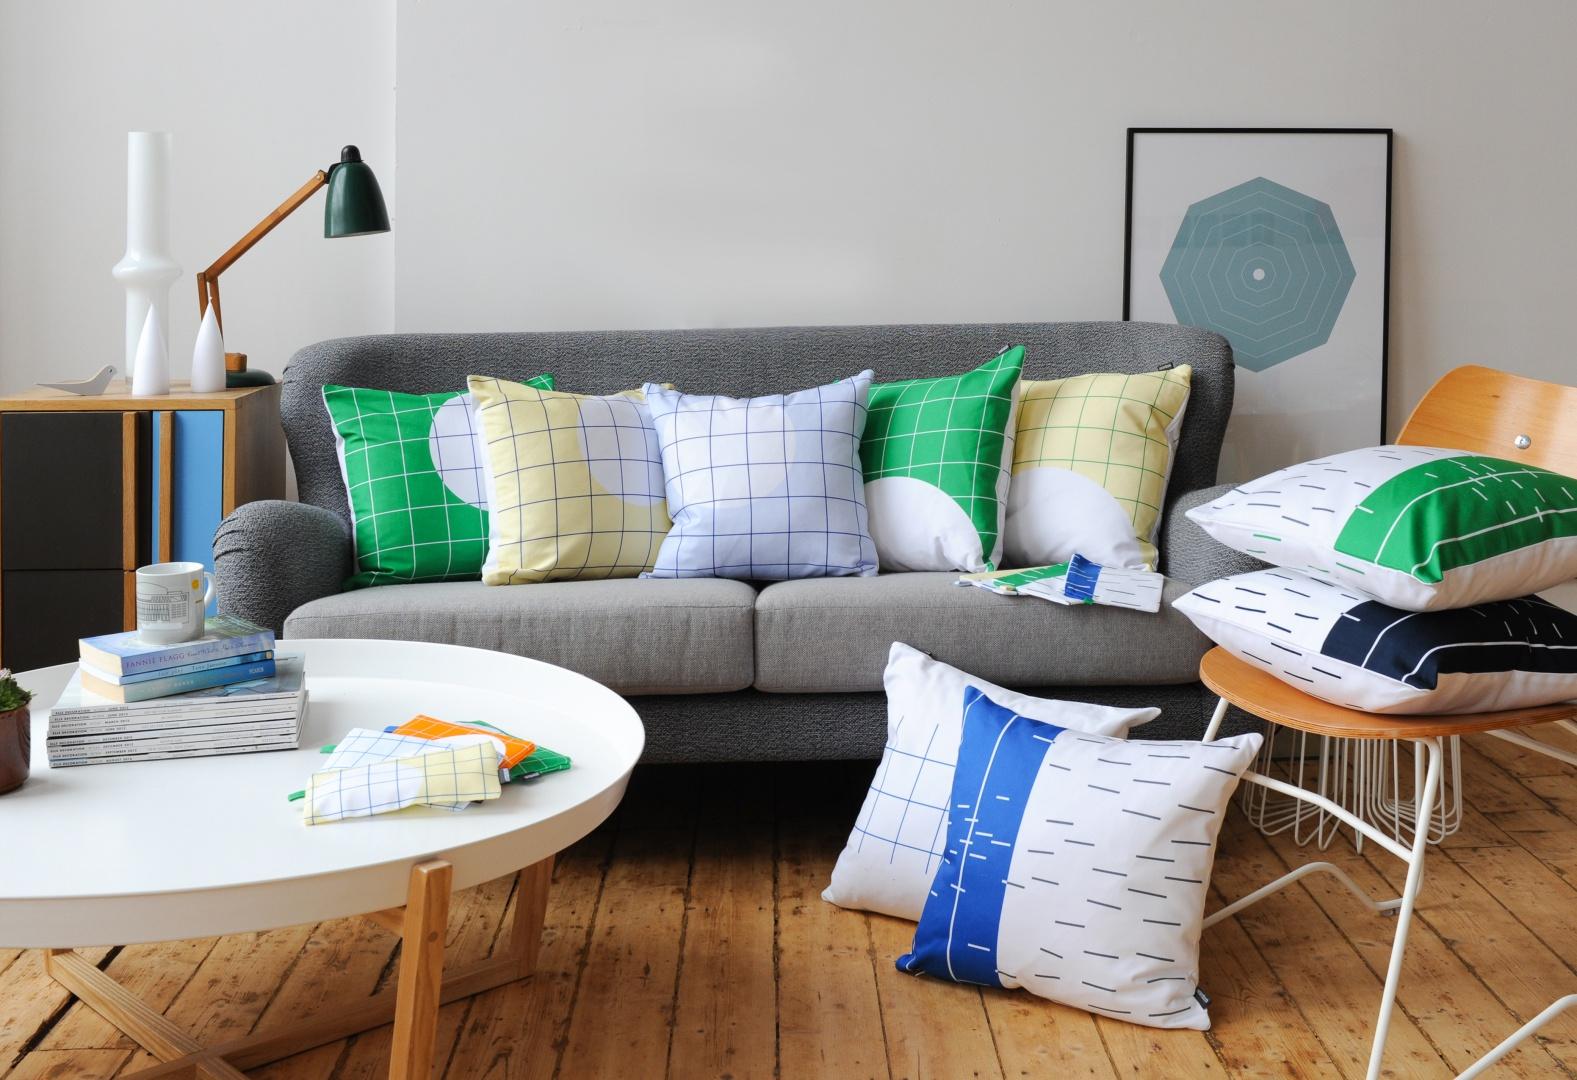 Zwykłe, mogłoby się wydawać, poduszki w kratkę w subtelny sposób odmienią skandynawskie, proste wnętrze. Kolekcja Cushion marki Patternbooth. Fot. Patternbooth.